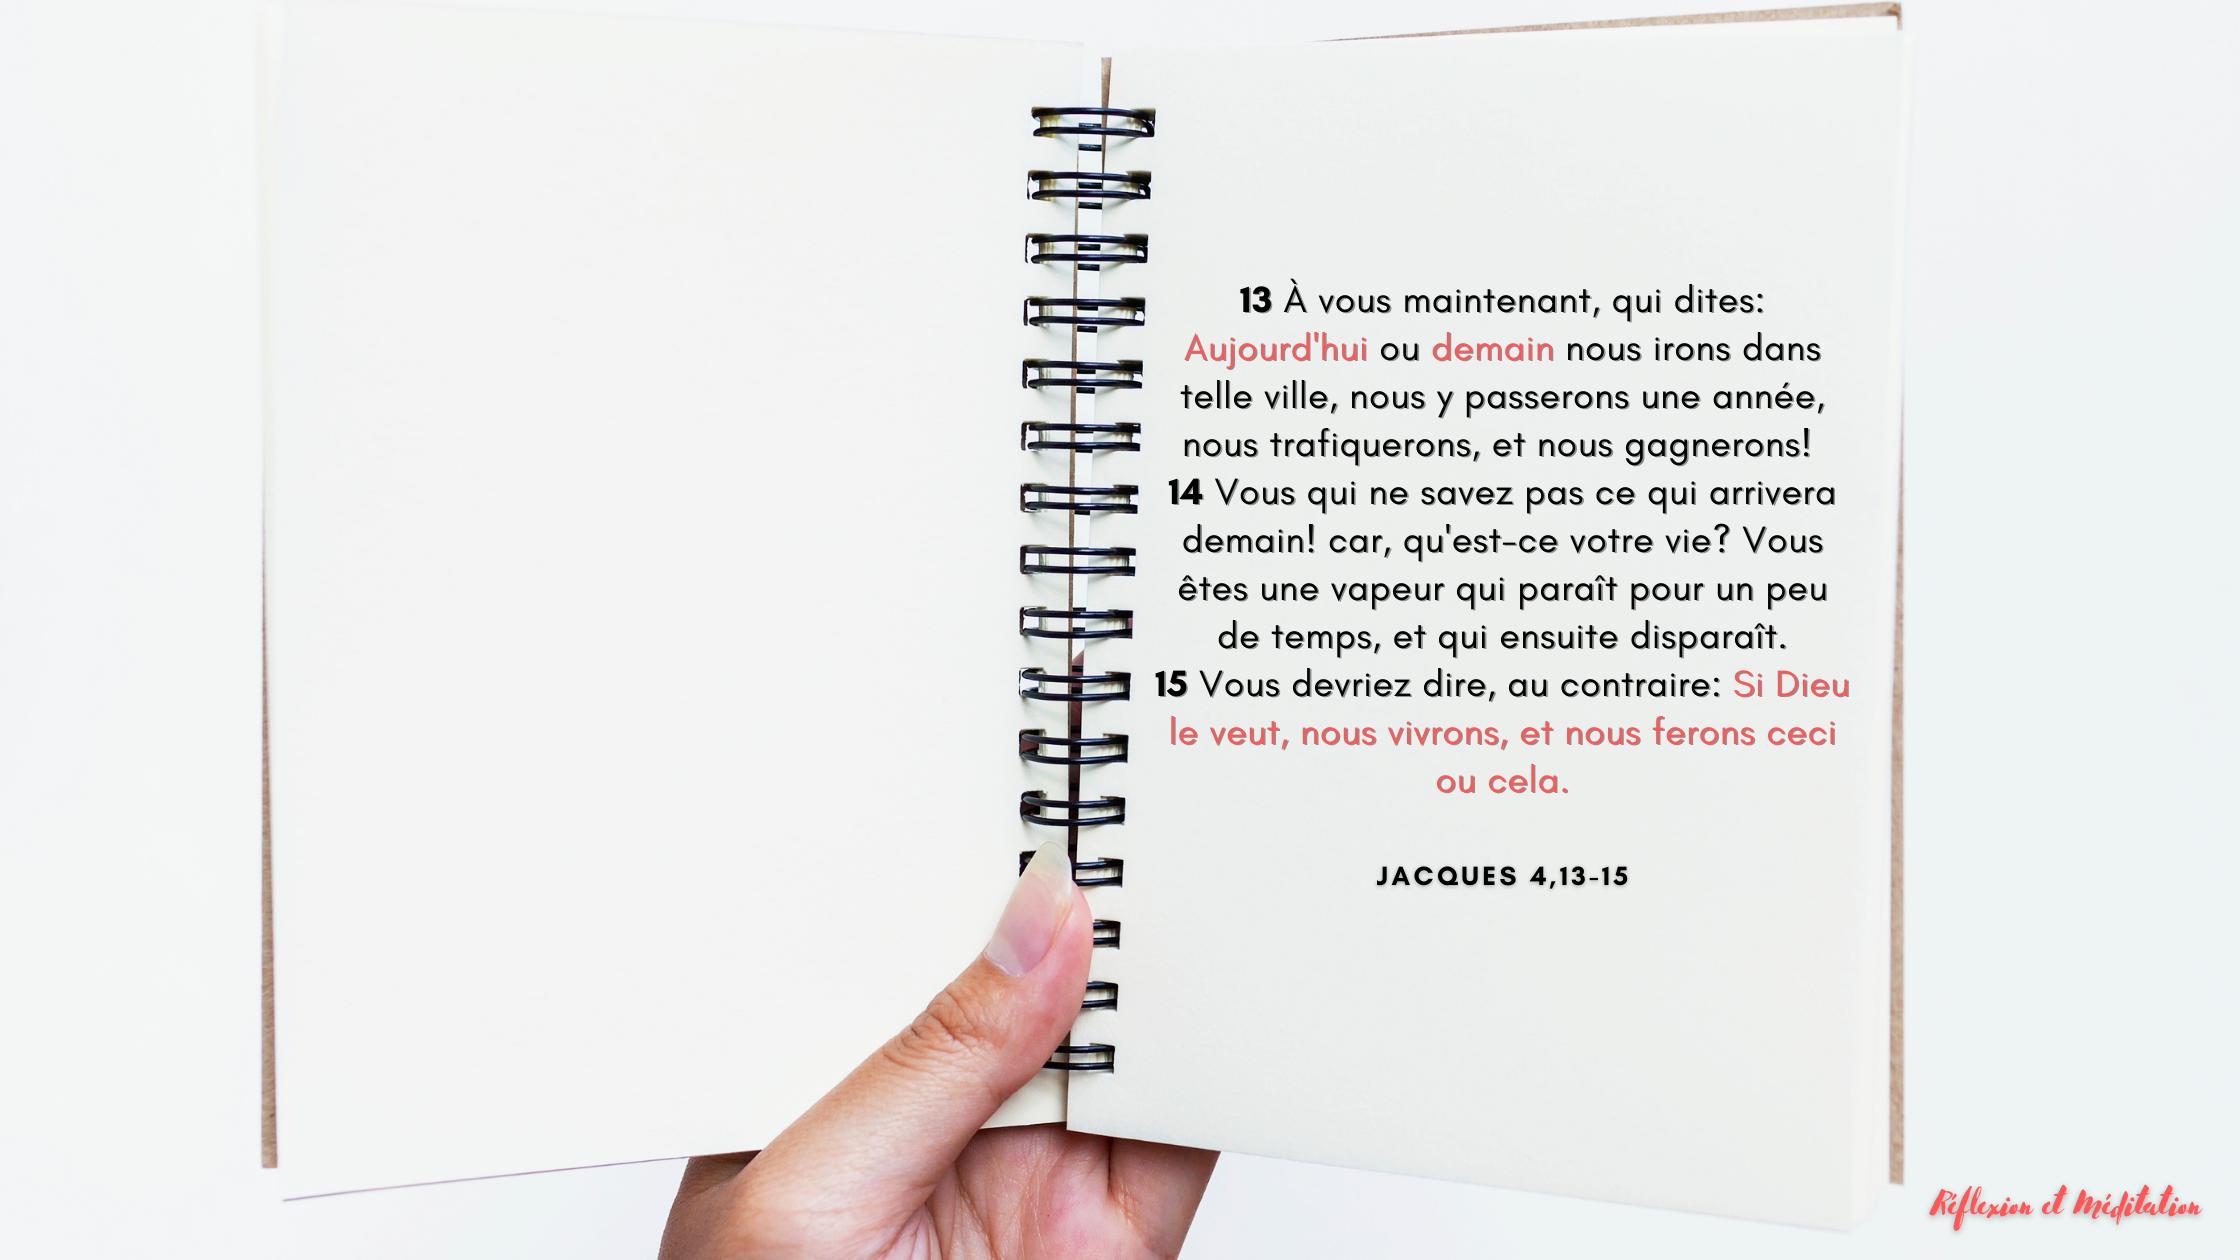 Jacques 4,13-15